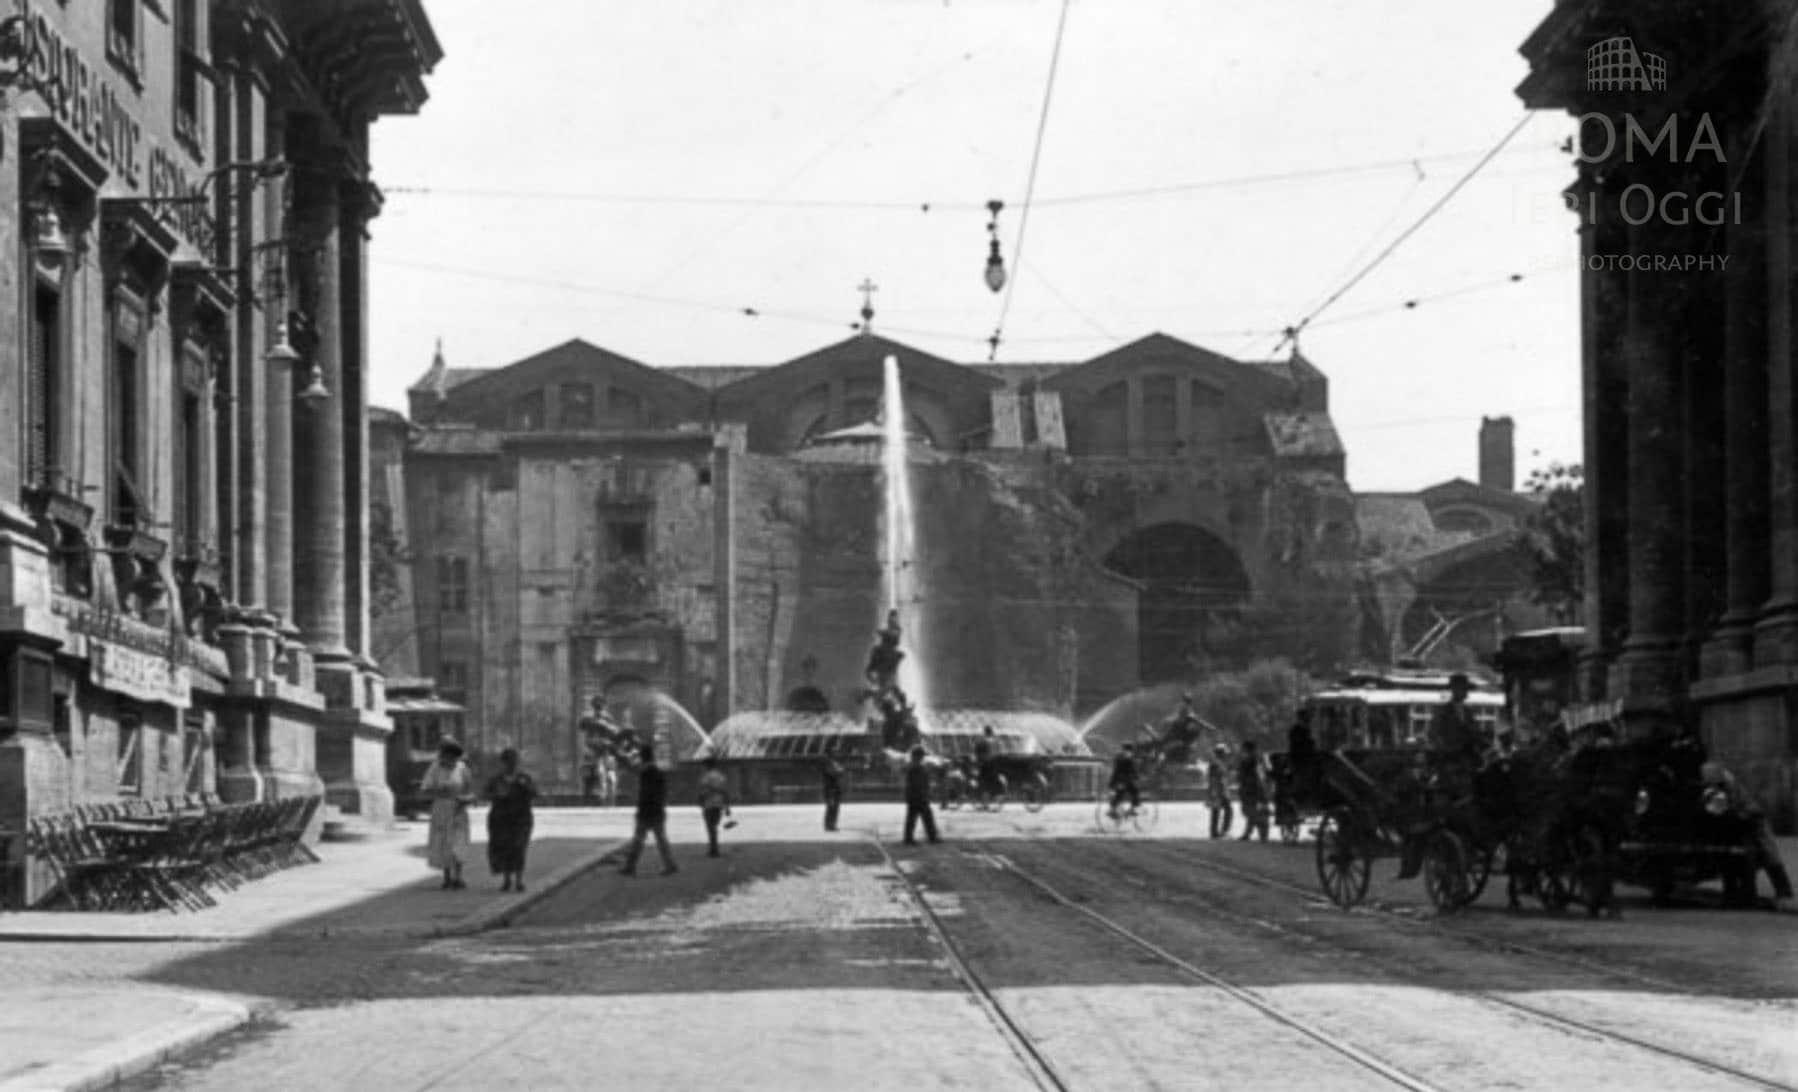 Via Nazionale - Piazza della Repubblica